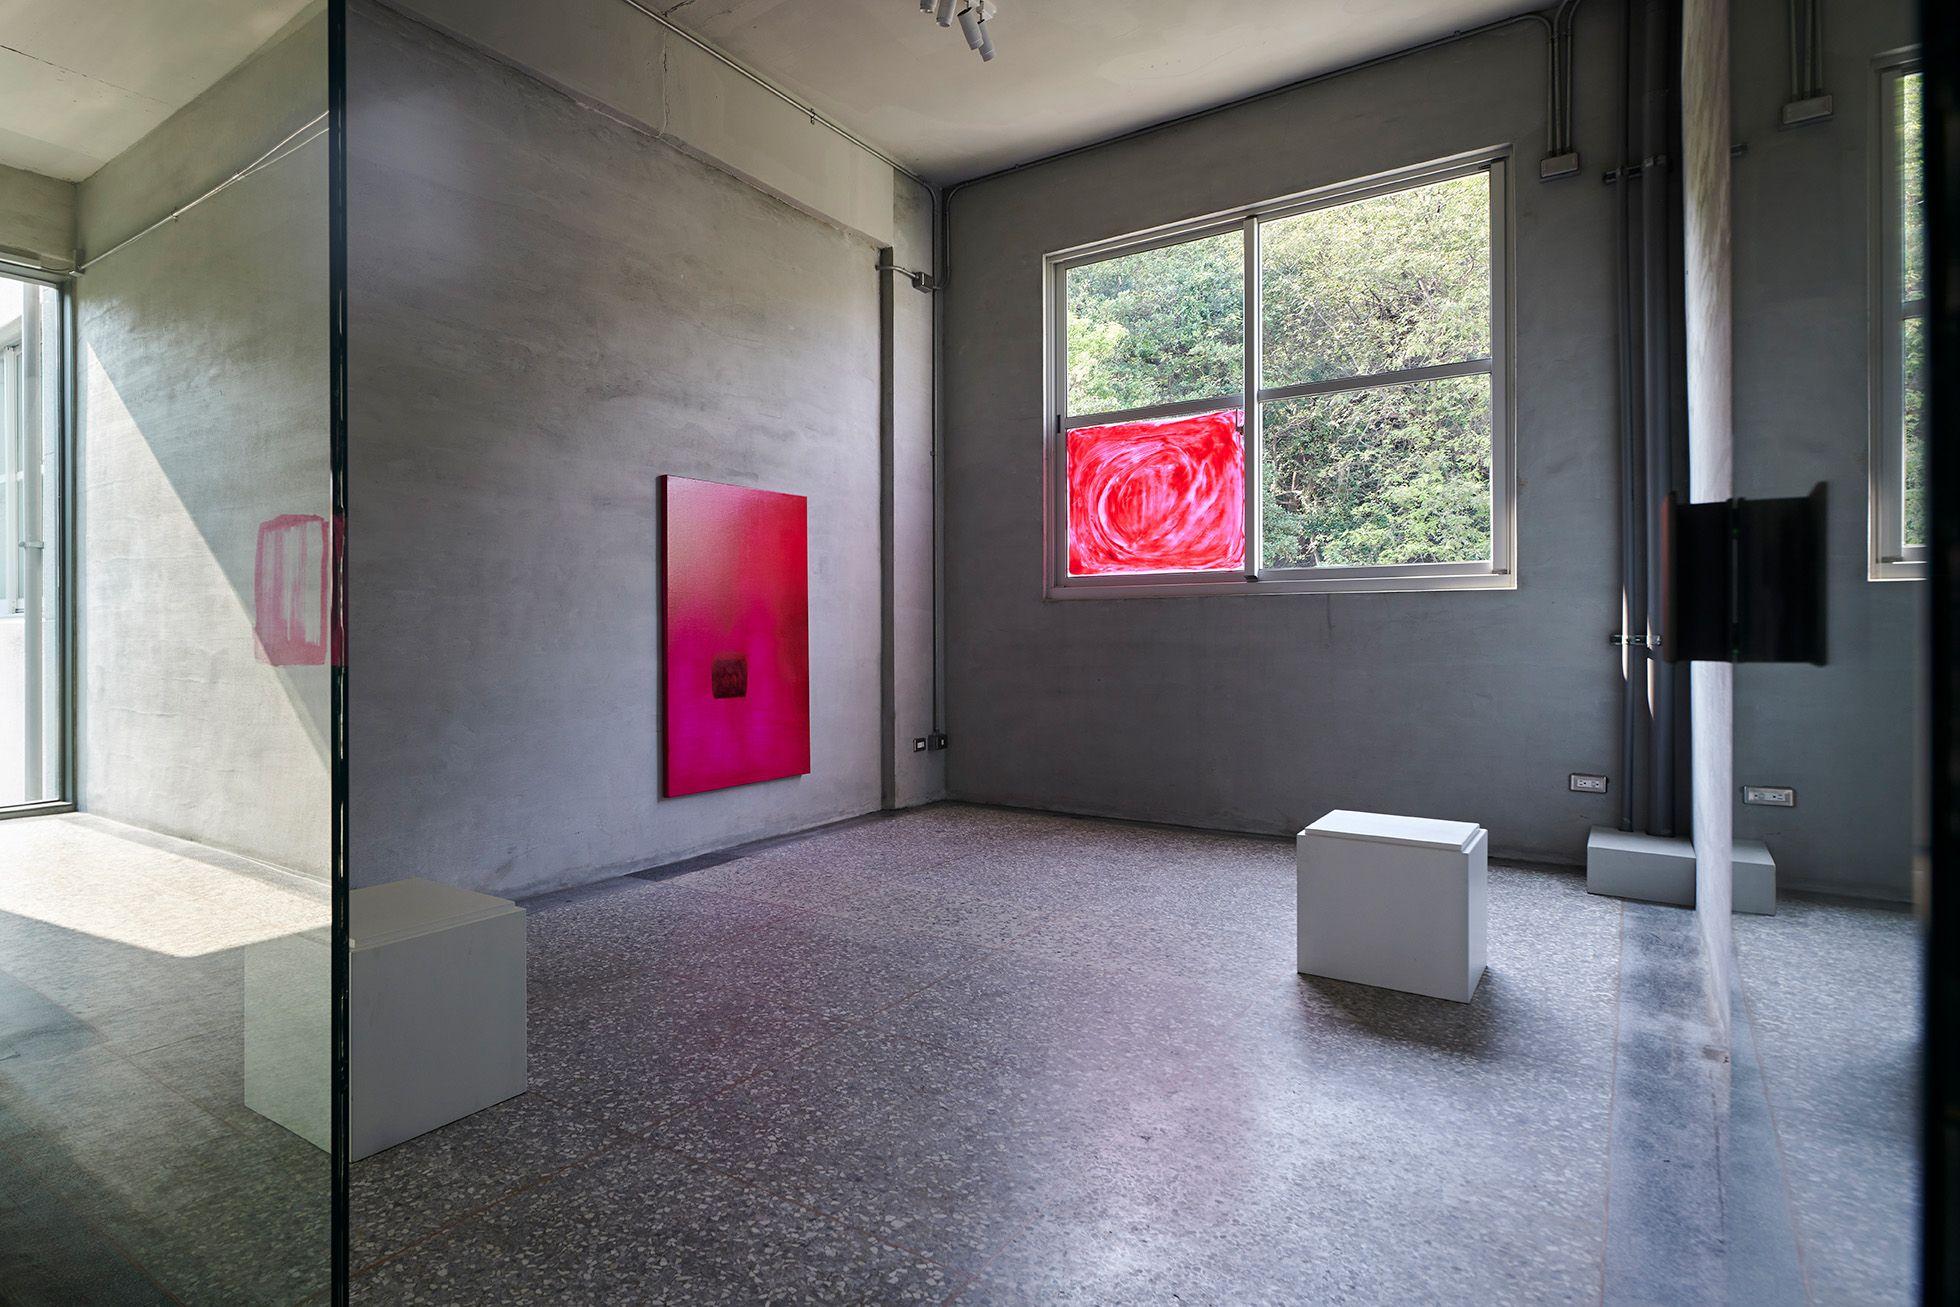 11月必看5檔展覽,從當代藝術到水墨世界、從台北到高雄…週末就來去看展吧